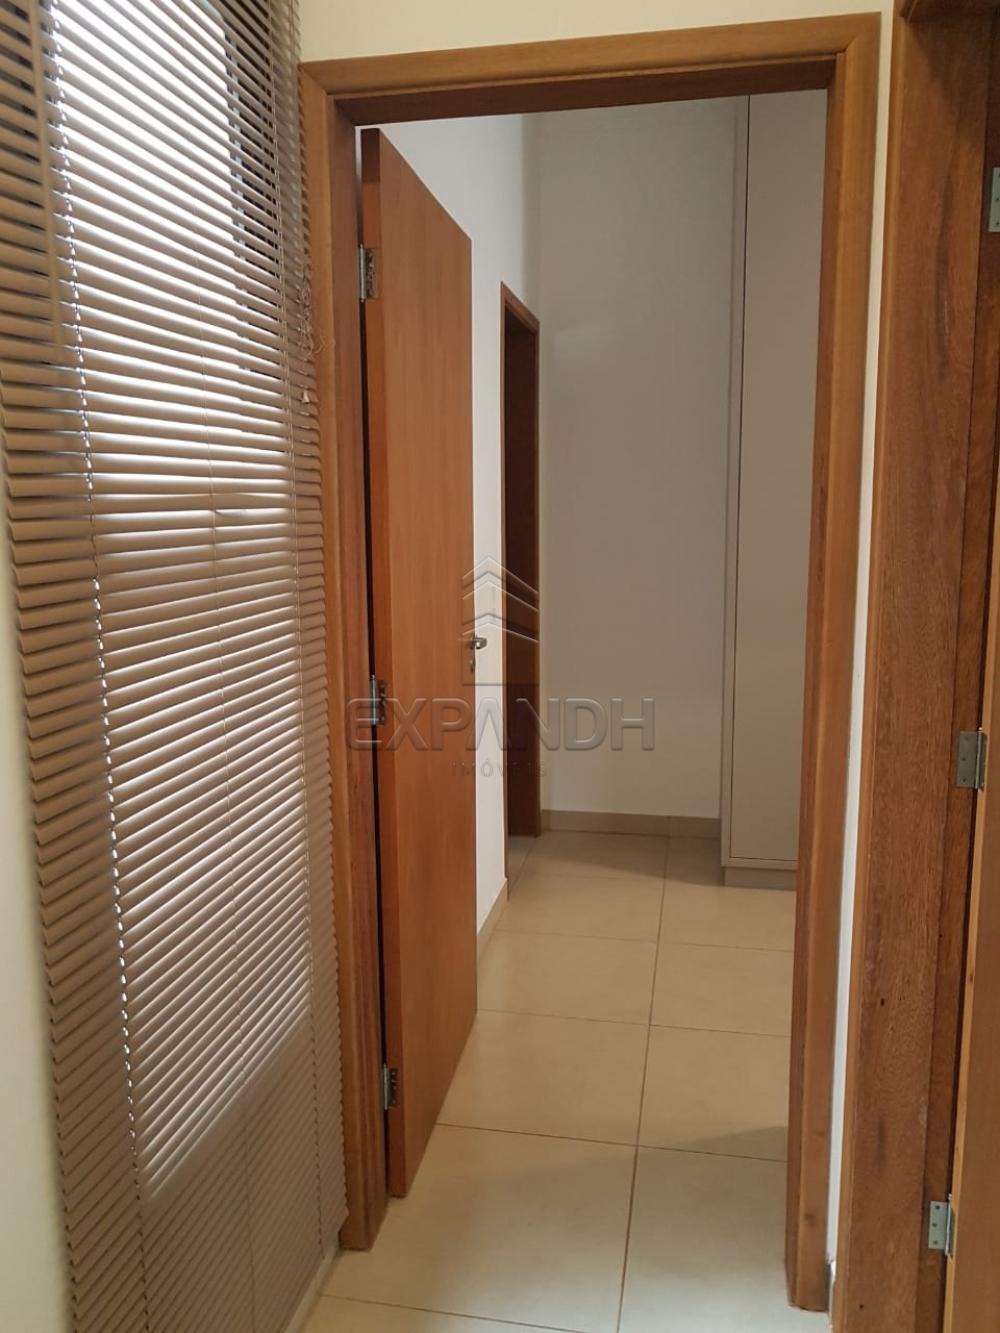 Comprar Apartamentos / Padrão em Sertãozinho apenas R$ 220.000,00 - Foto 5